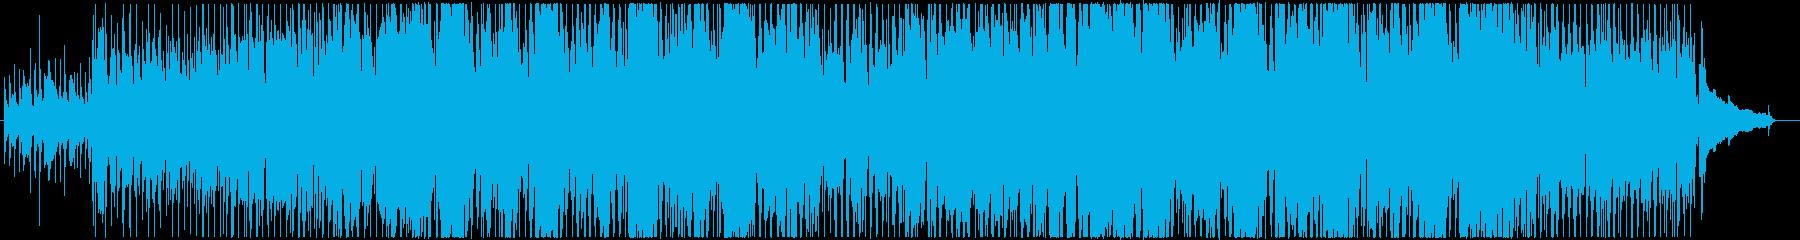 かみさまの再生済みの波形